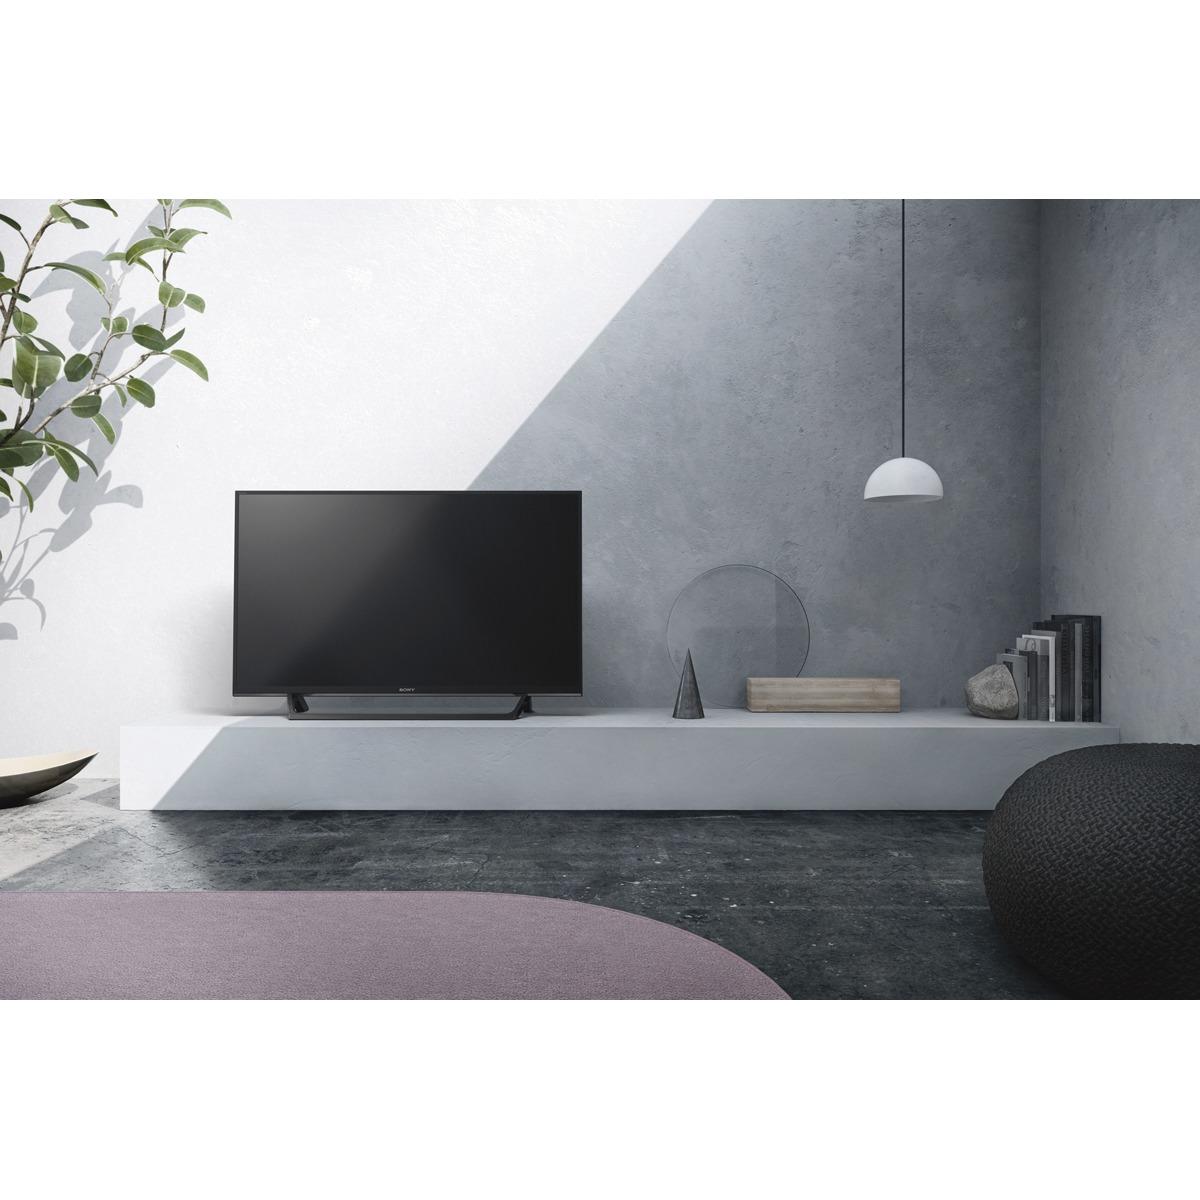 Sony KDL-40WE660, un SmartTV básico con grandes aspiraciones